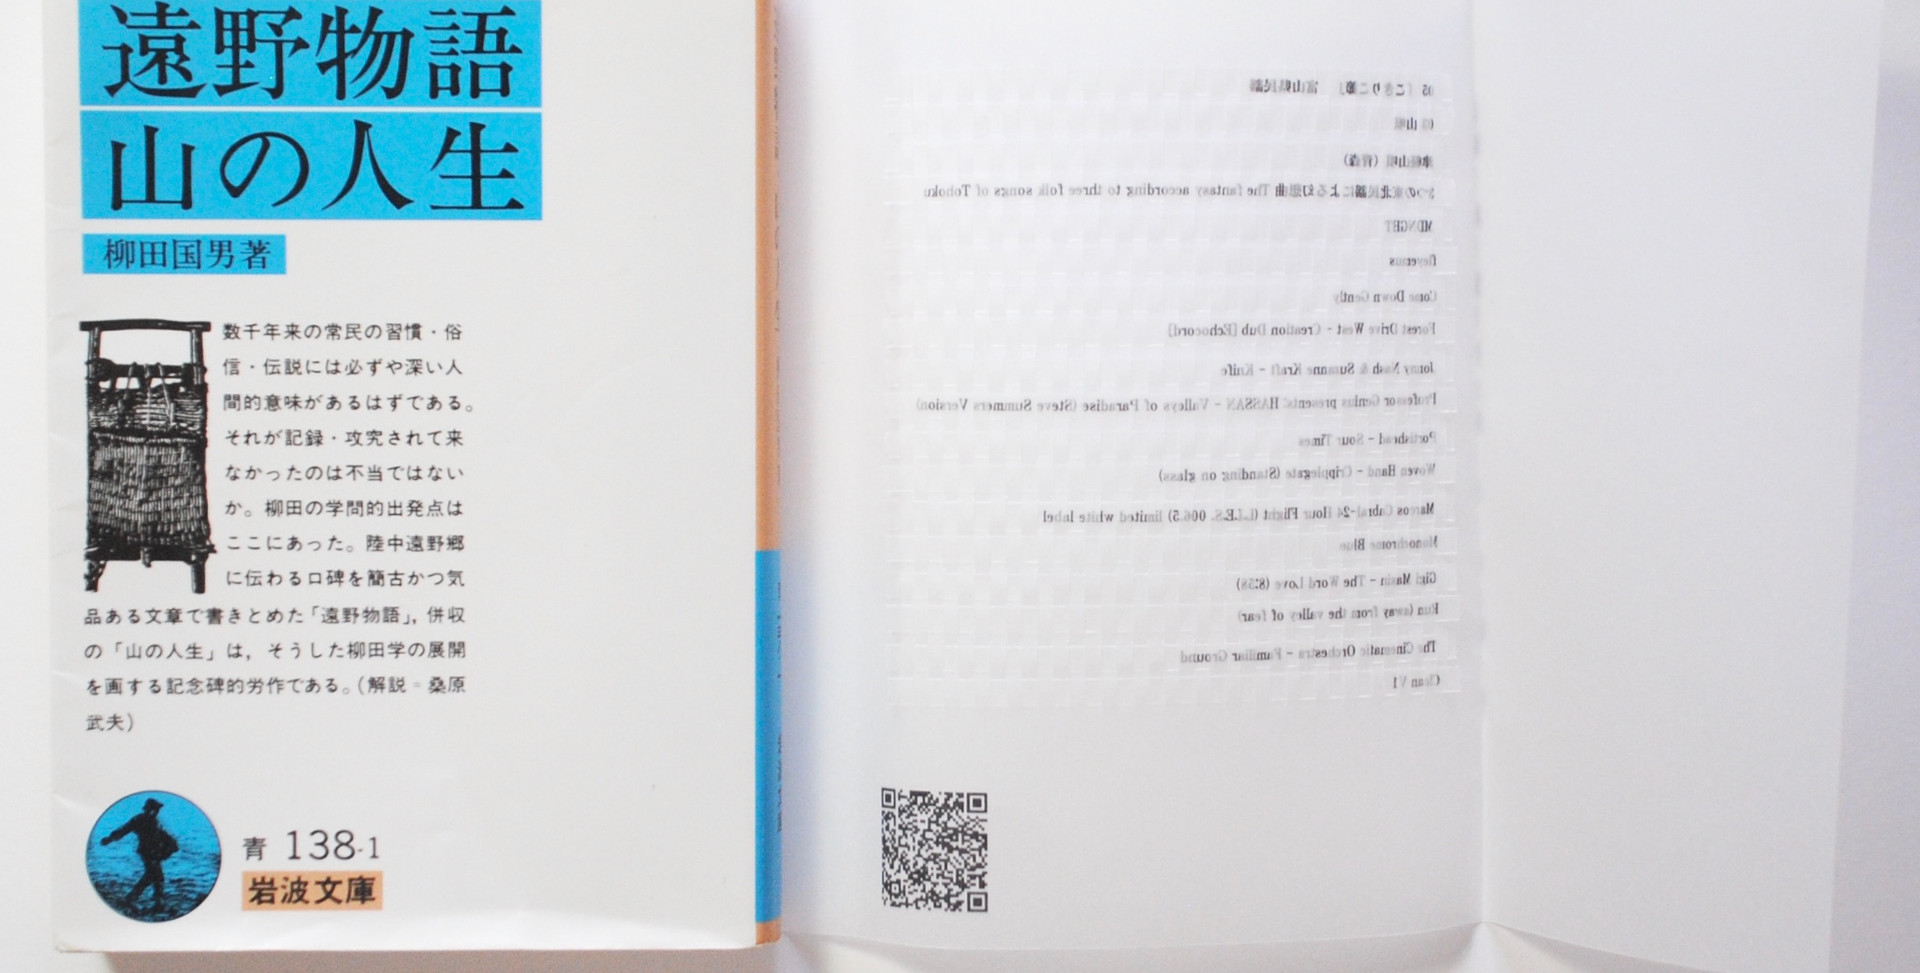 遠野物語のためのプレイリスト   cobird / コバード